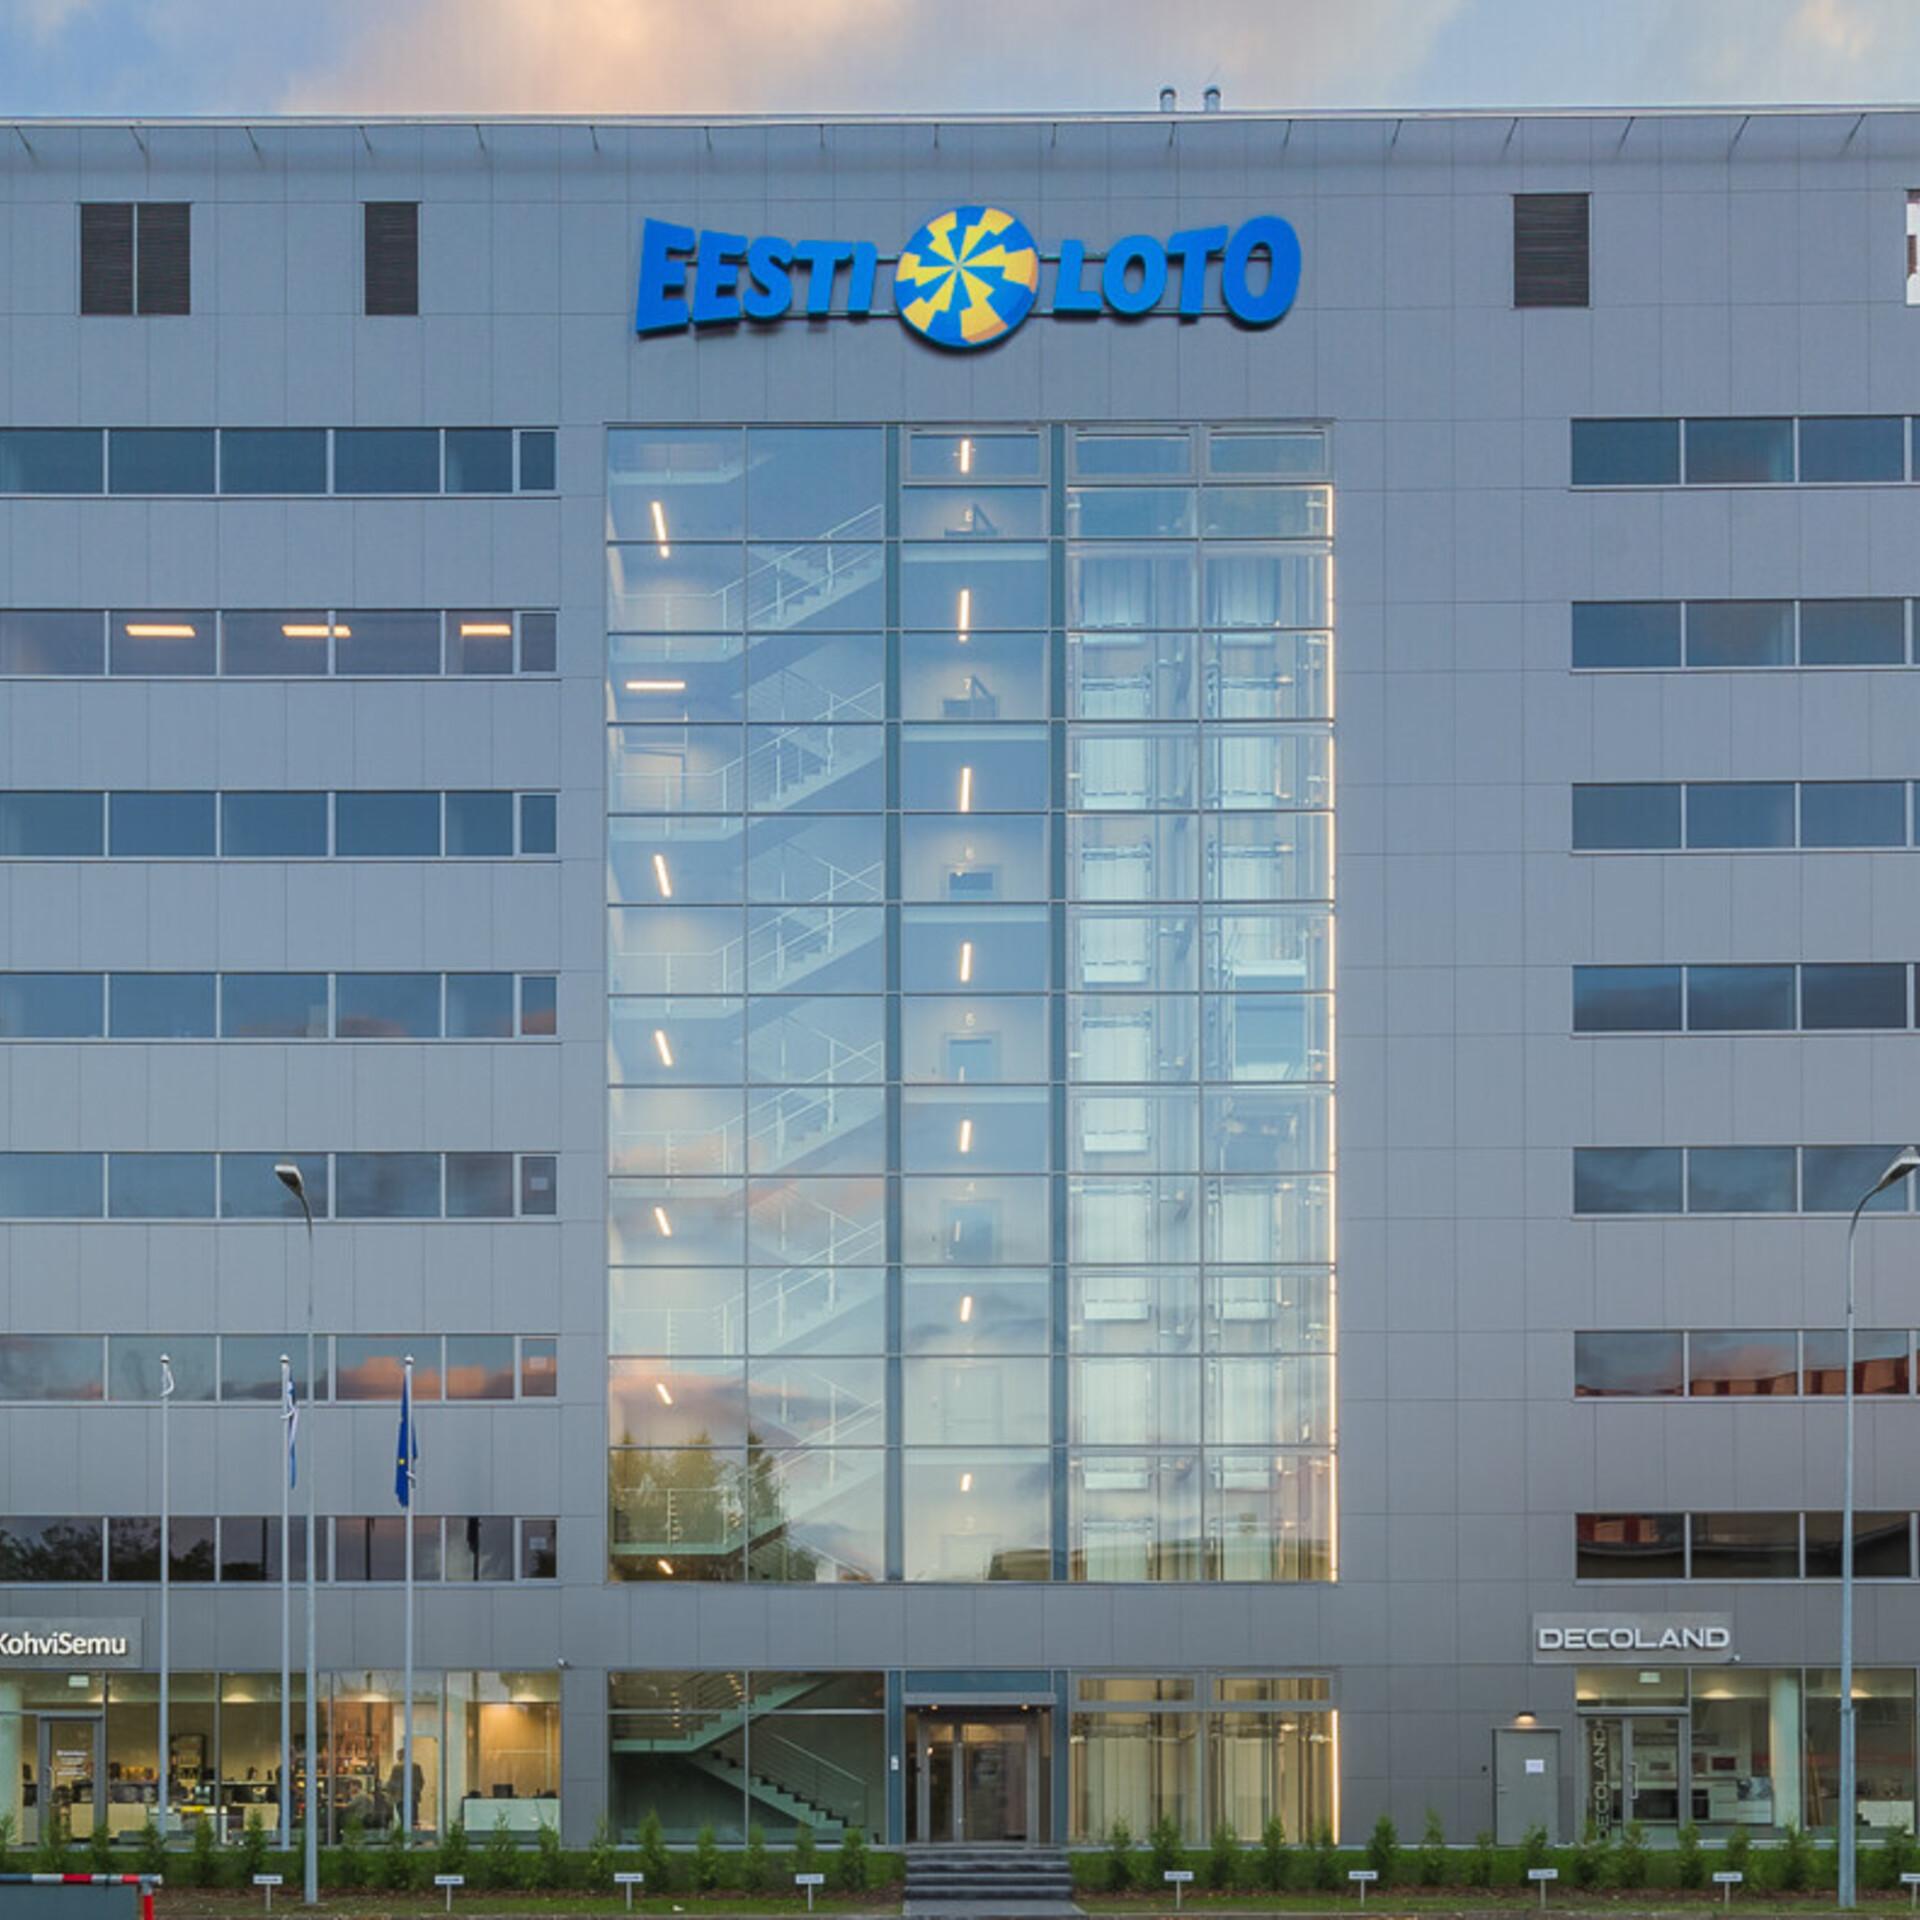 d358b2e1165 Eesti Loto arendab kolme miljoni euroga infosüsteemi ja veebiportaali |  Eesti | ERR